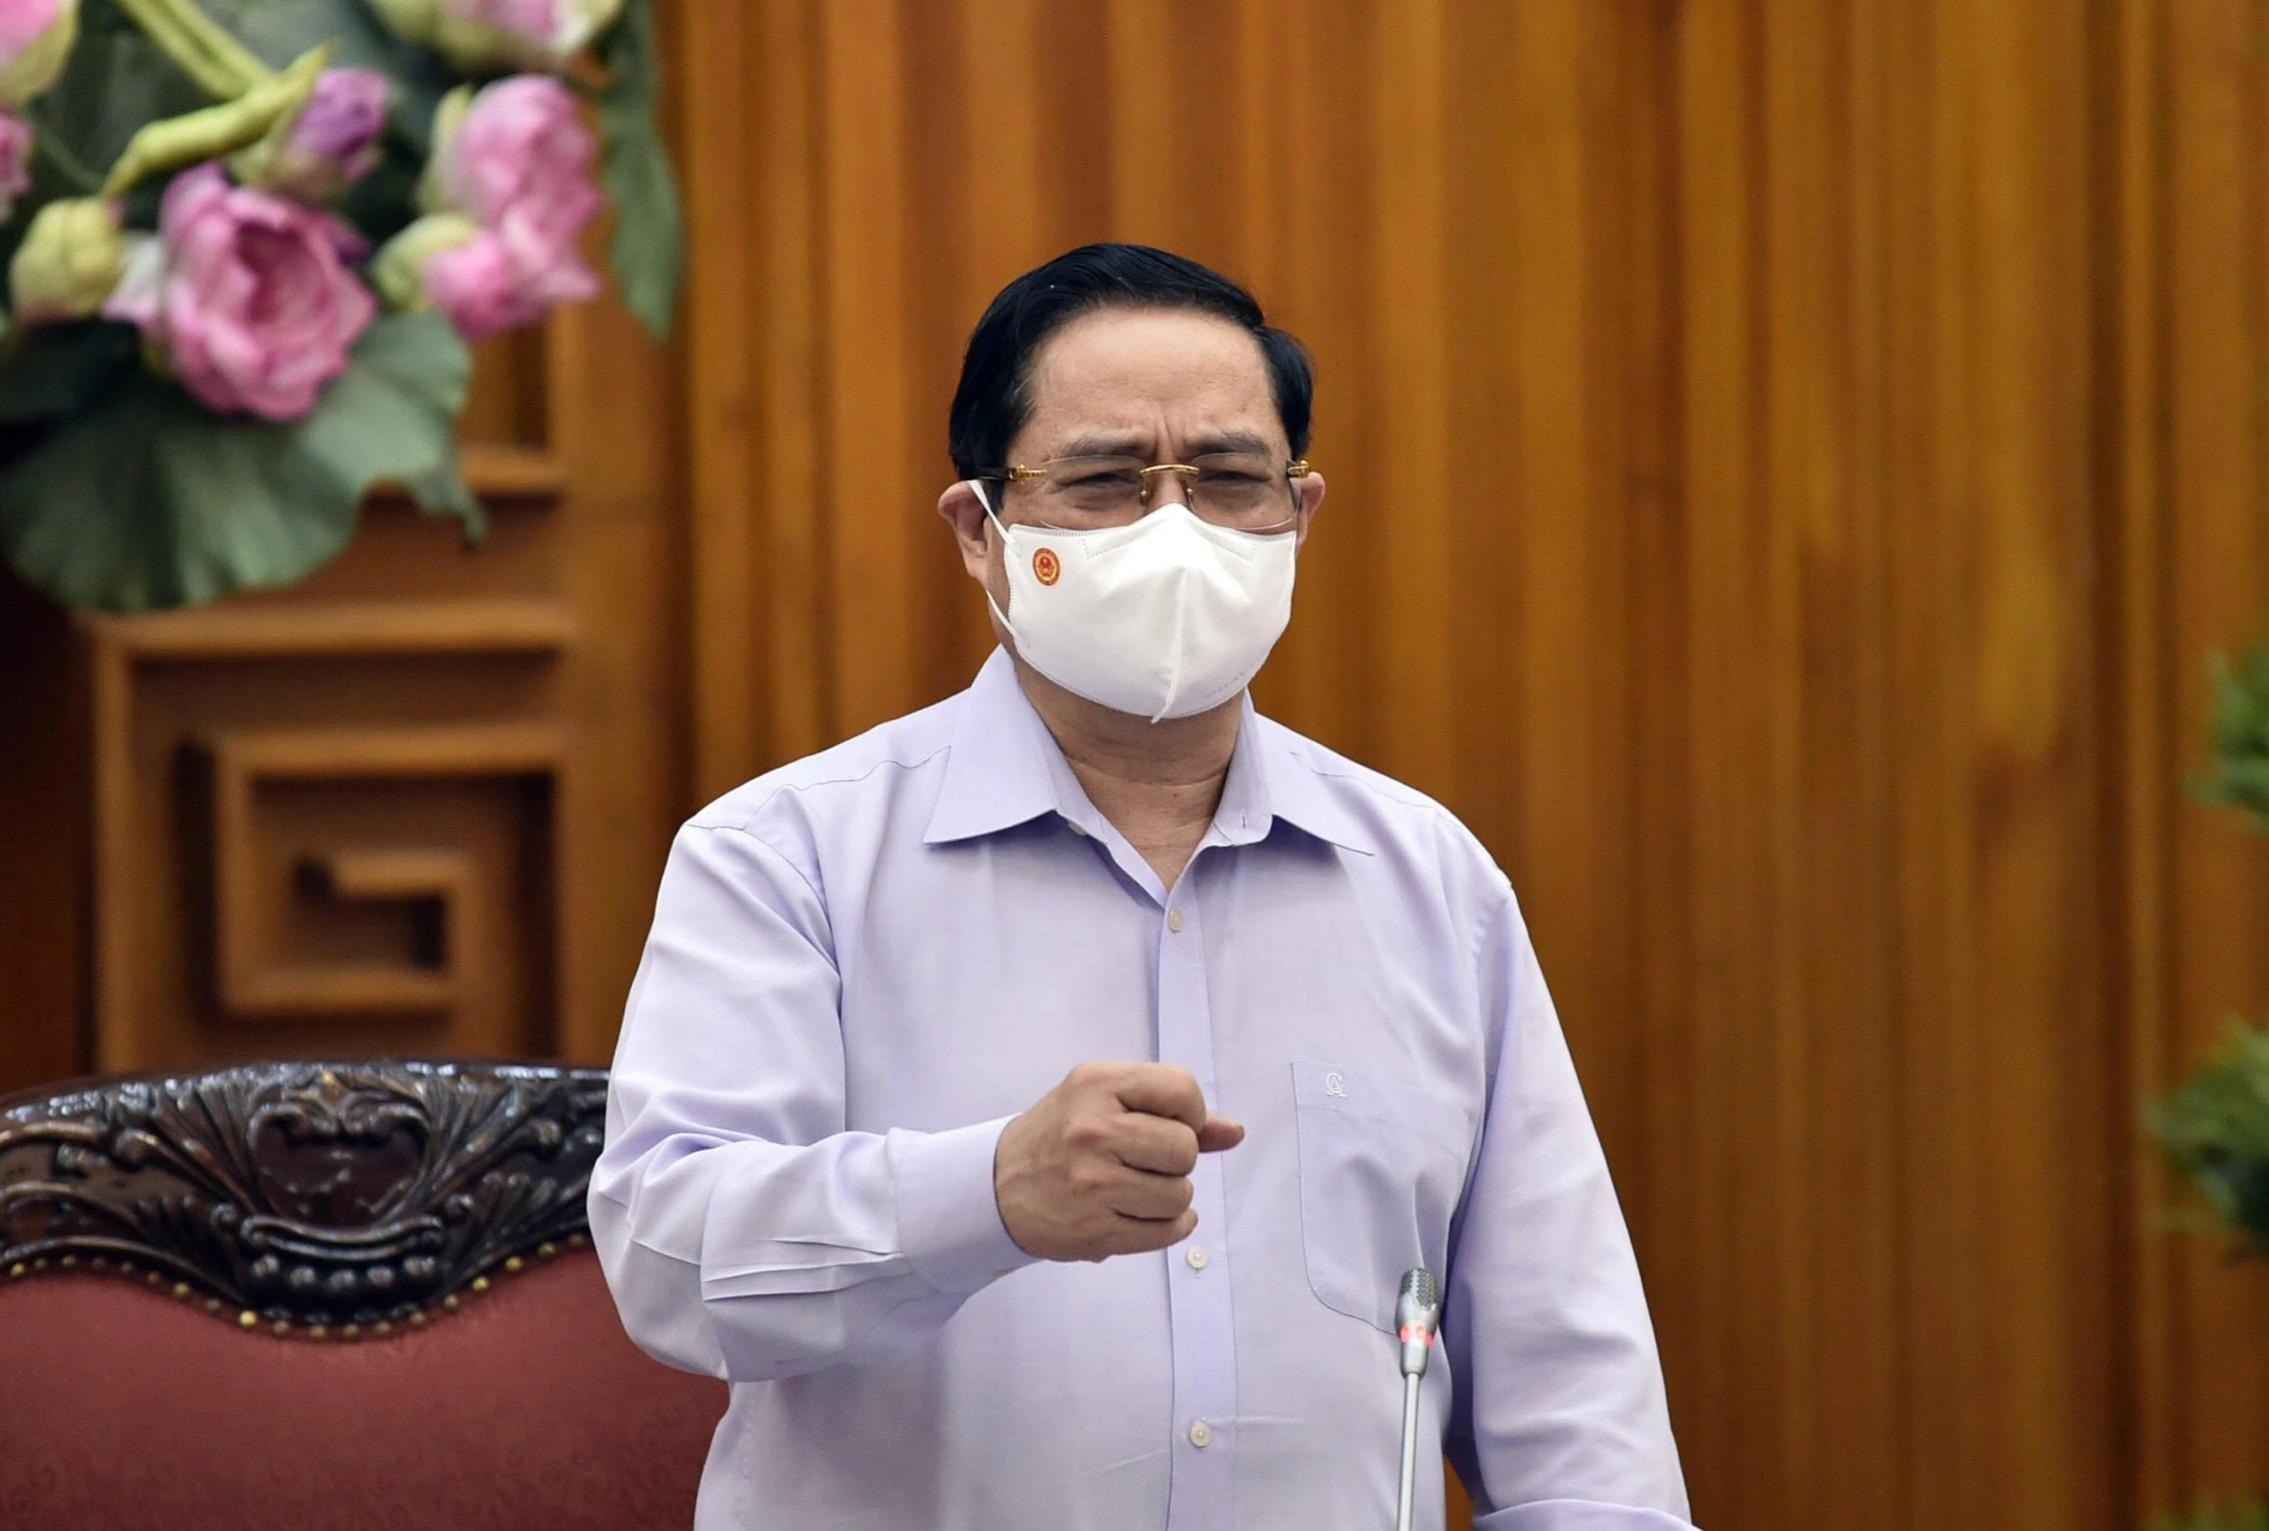 Thủ tướng: Cấp bách vực dậy sức khỏe của đầu tàu kinh tế TPHCM